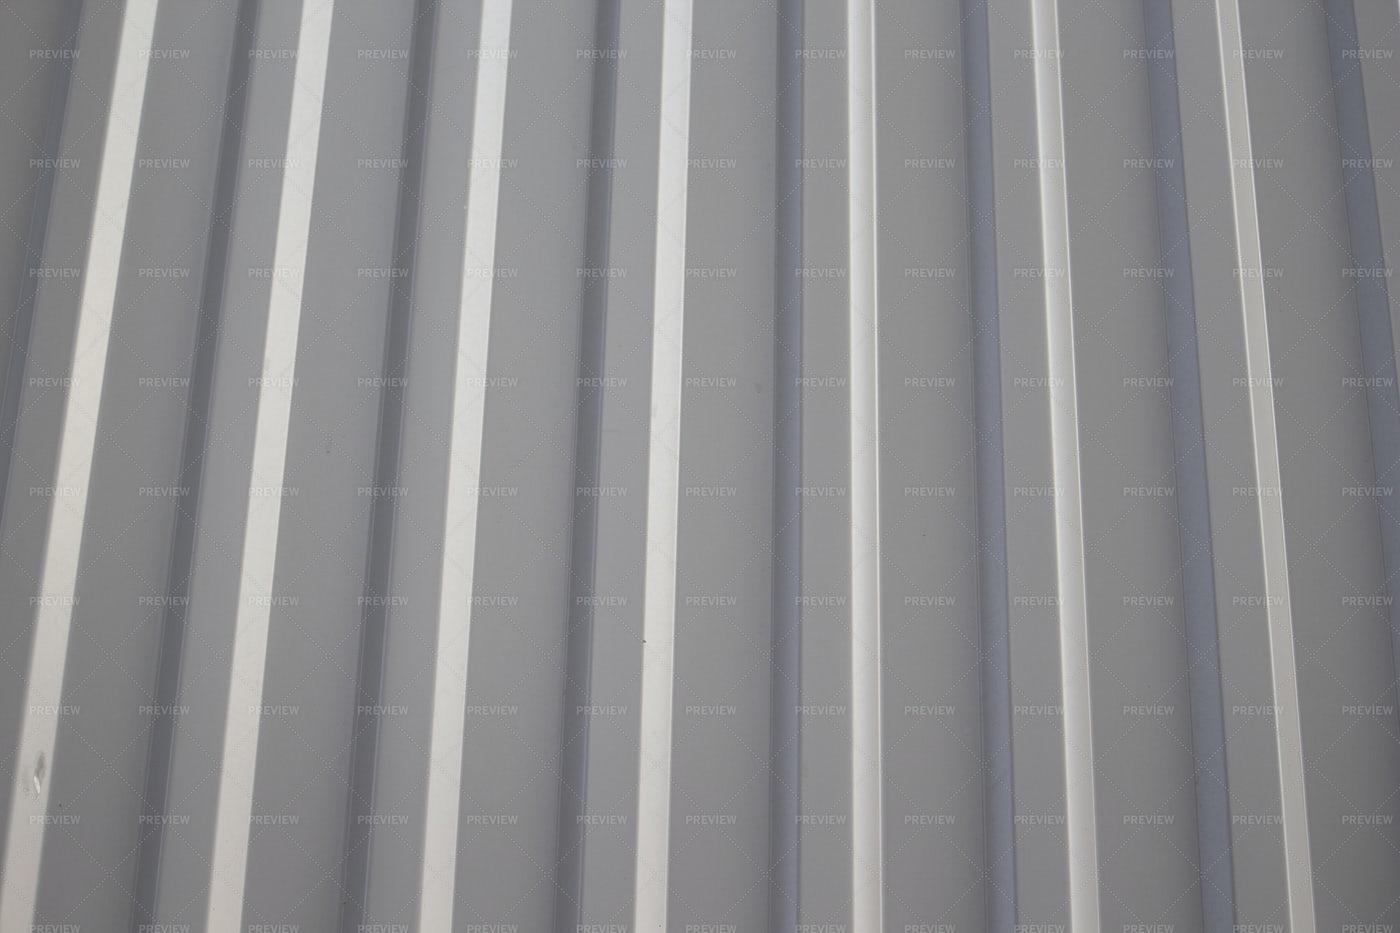 Metal Textured Wall: Stock Photos